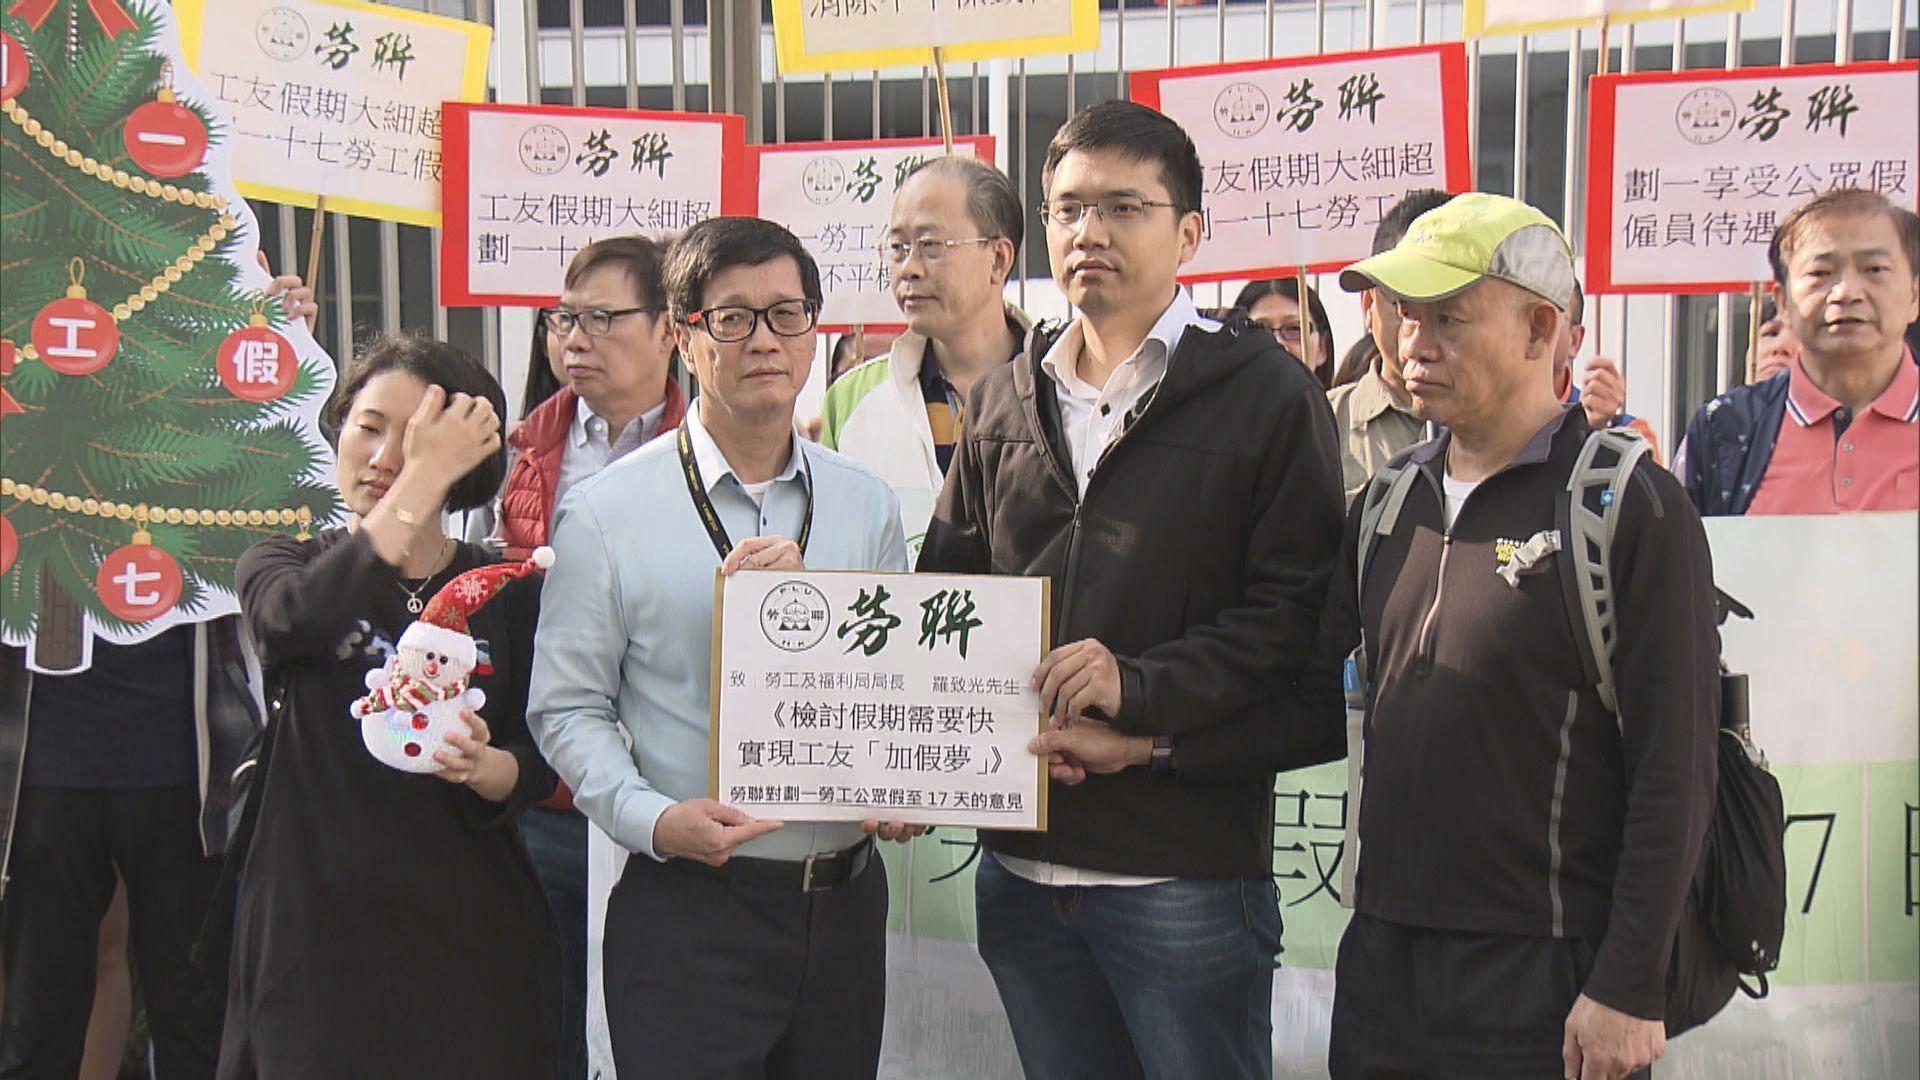 勞聯促請法定勞工假增至17日